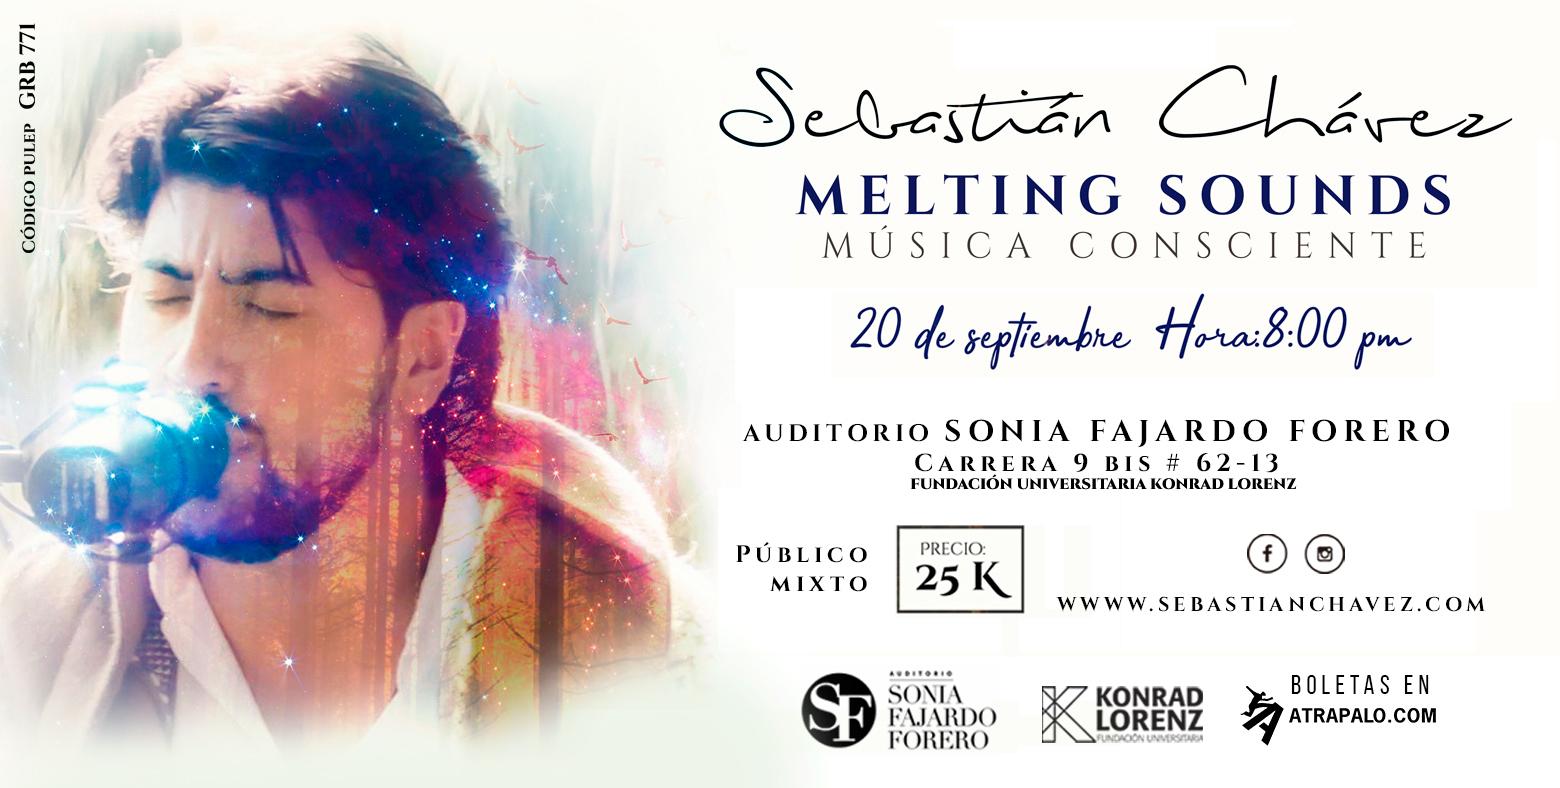 Sebastián Chávez Melting sounds-Música Consciente